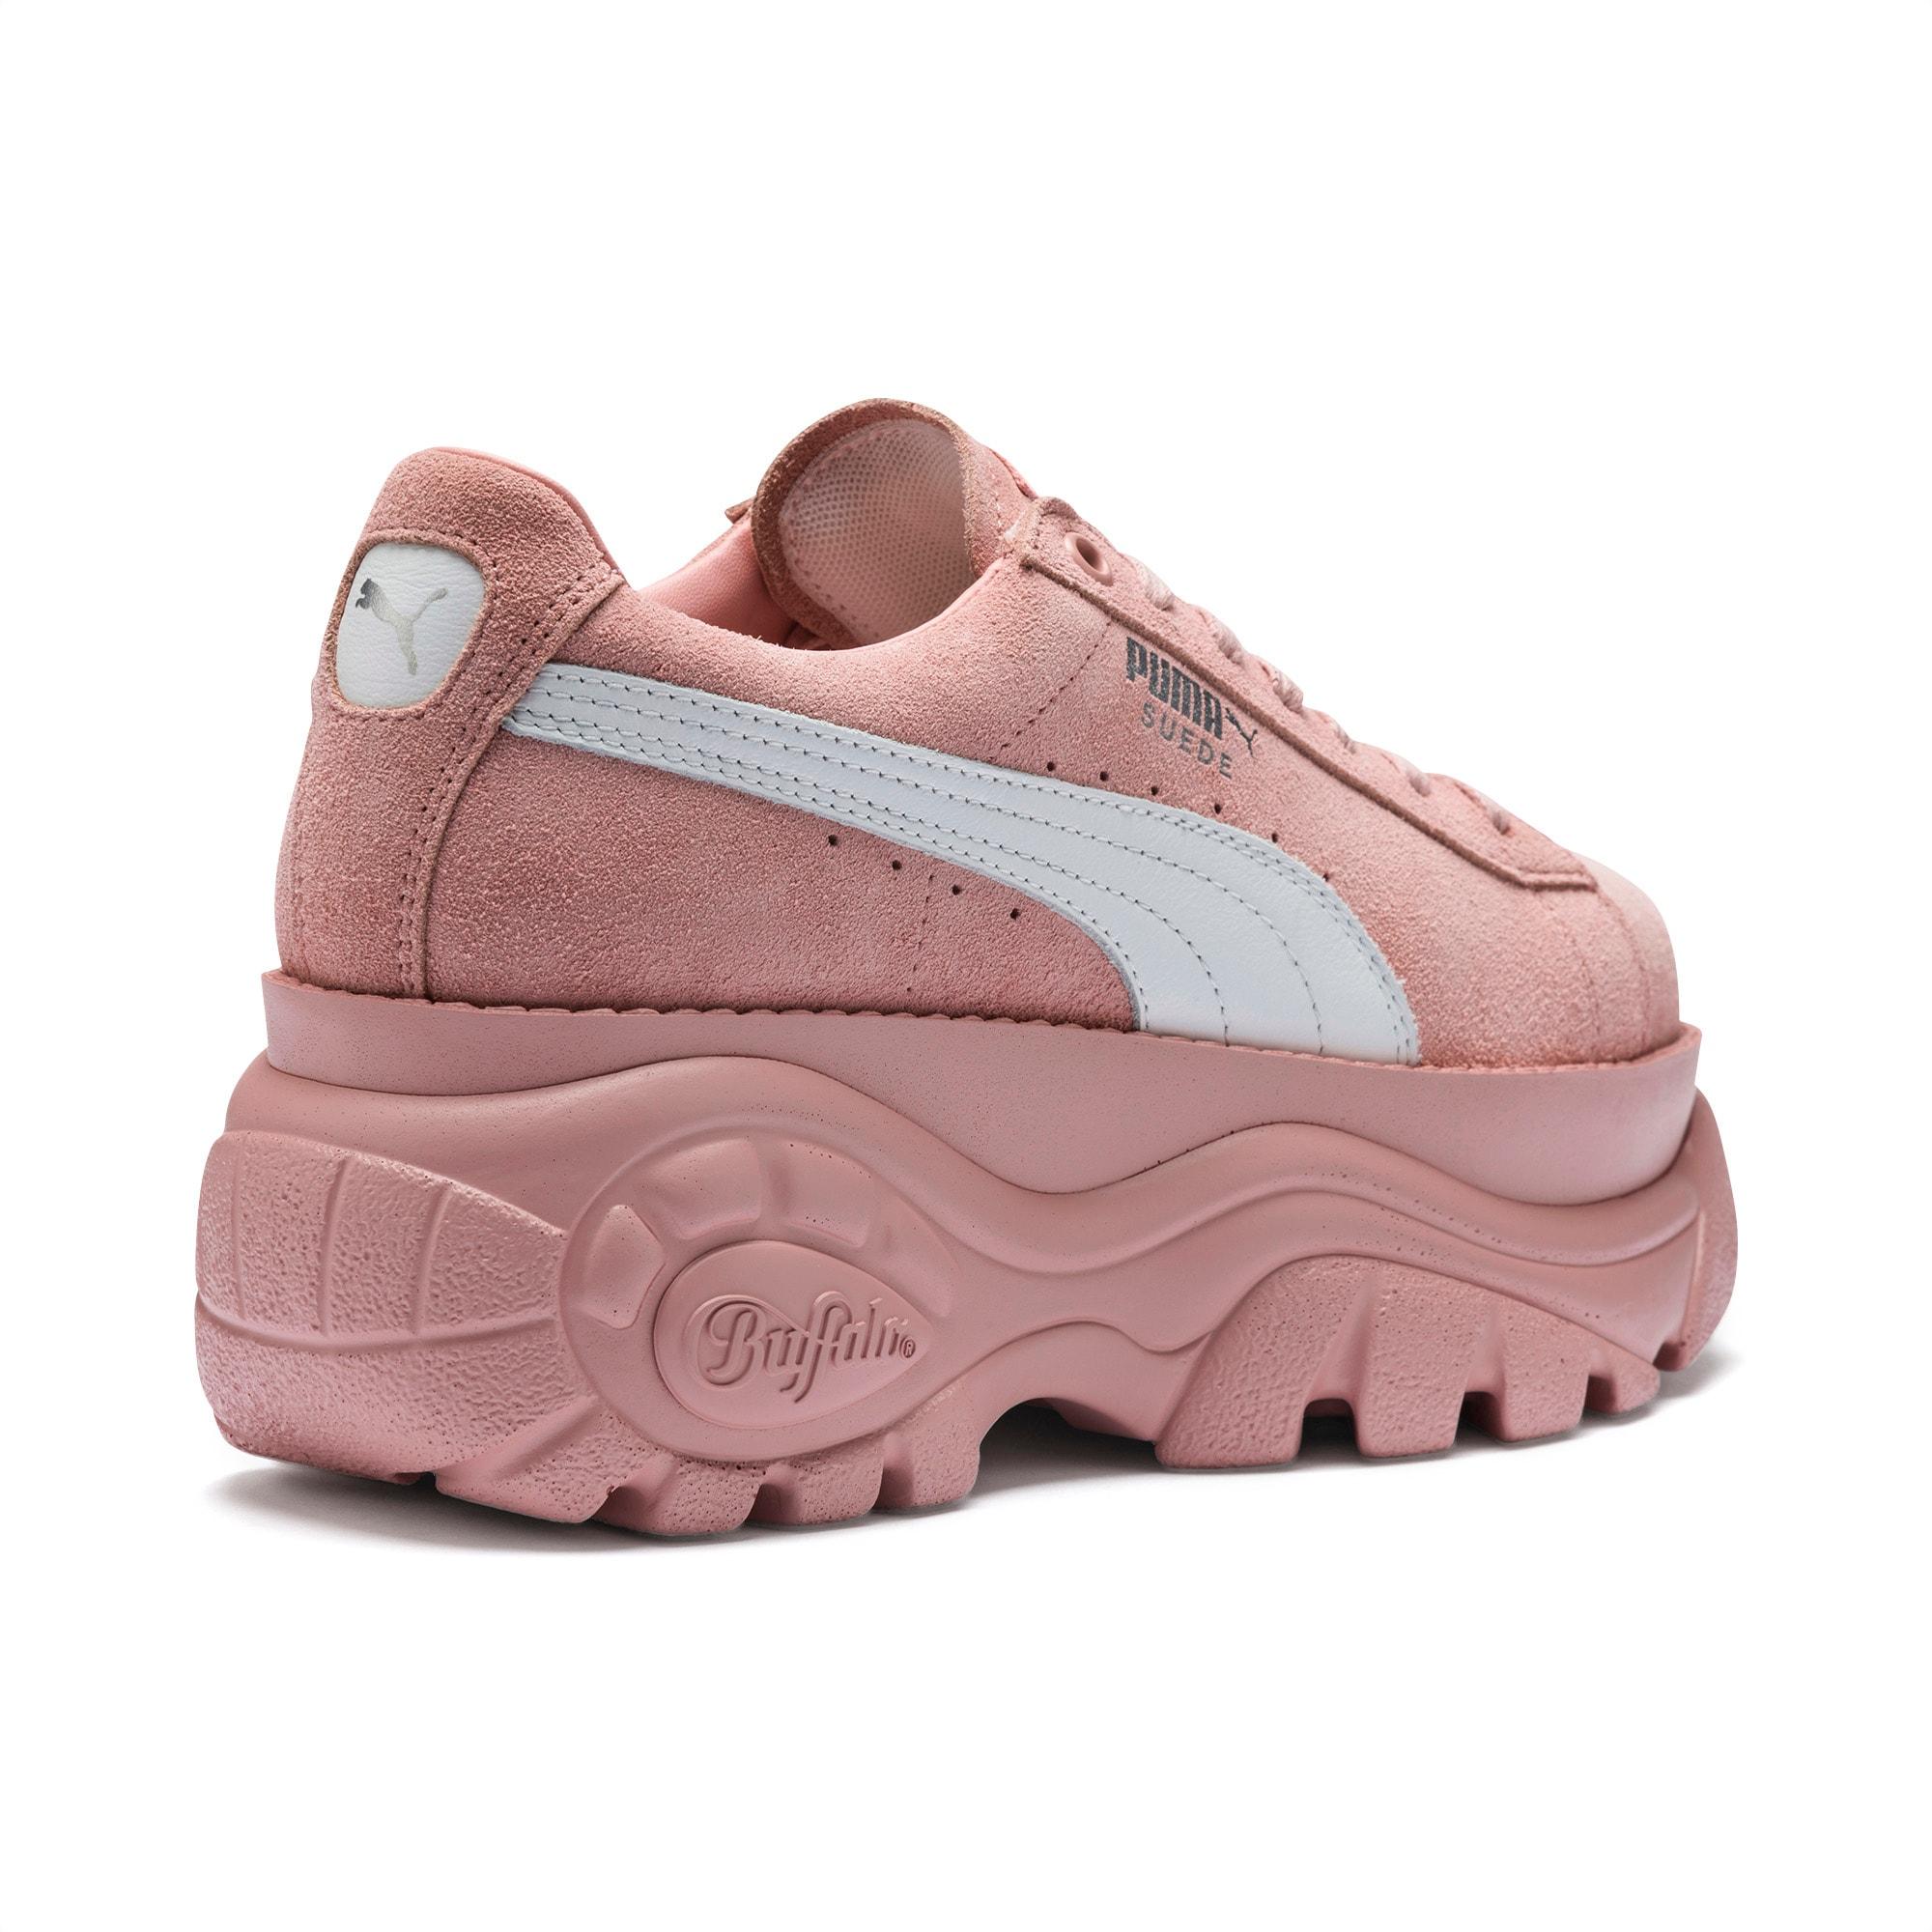 PUMA x BUFFALO Suede Schuhe